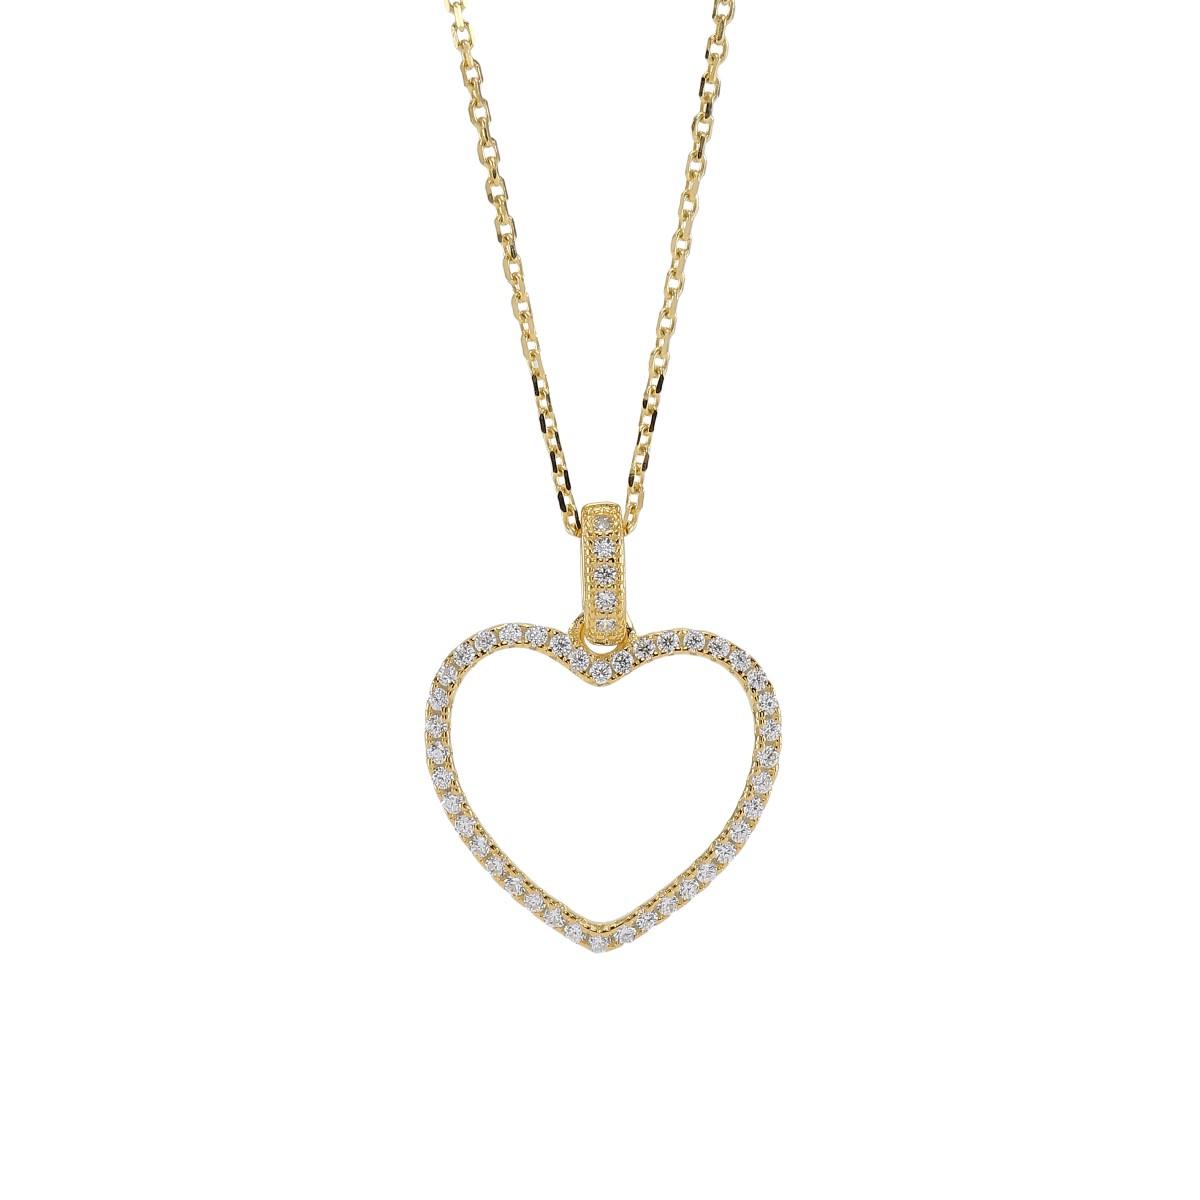 Joanli Aida forgyldt halskæde med stor hjerte, 42+3 cm kæde